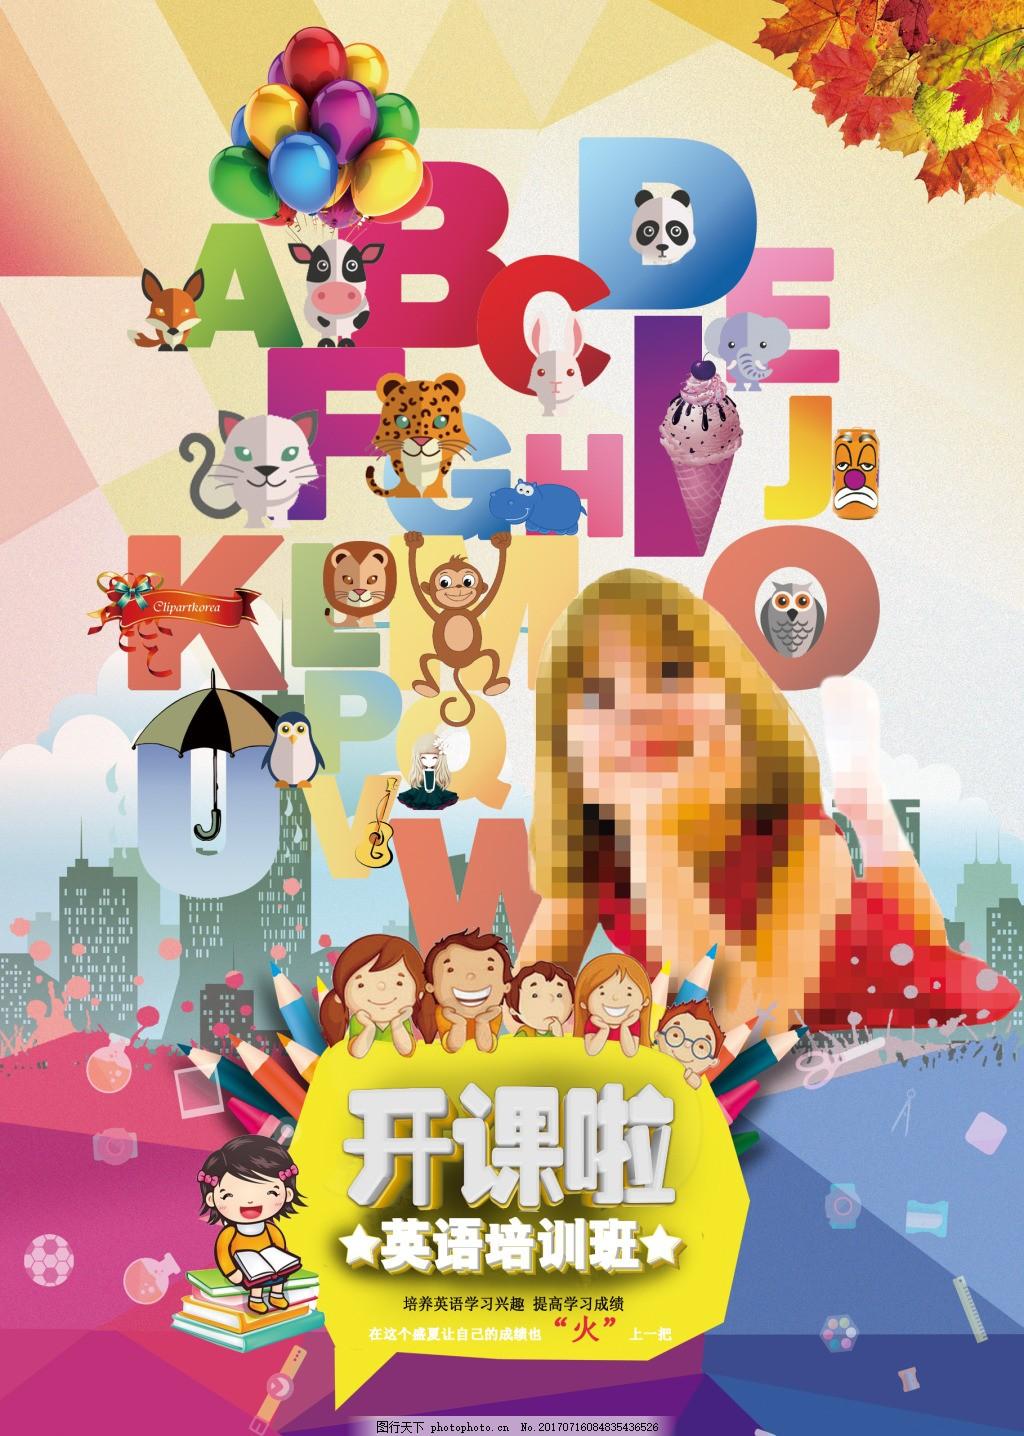 英语 宣传单 dm单 培训 补习 字母 卡通 动物 培训班 英语口语 学习班